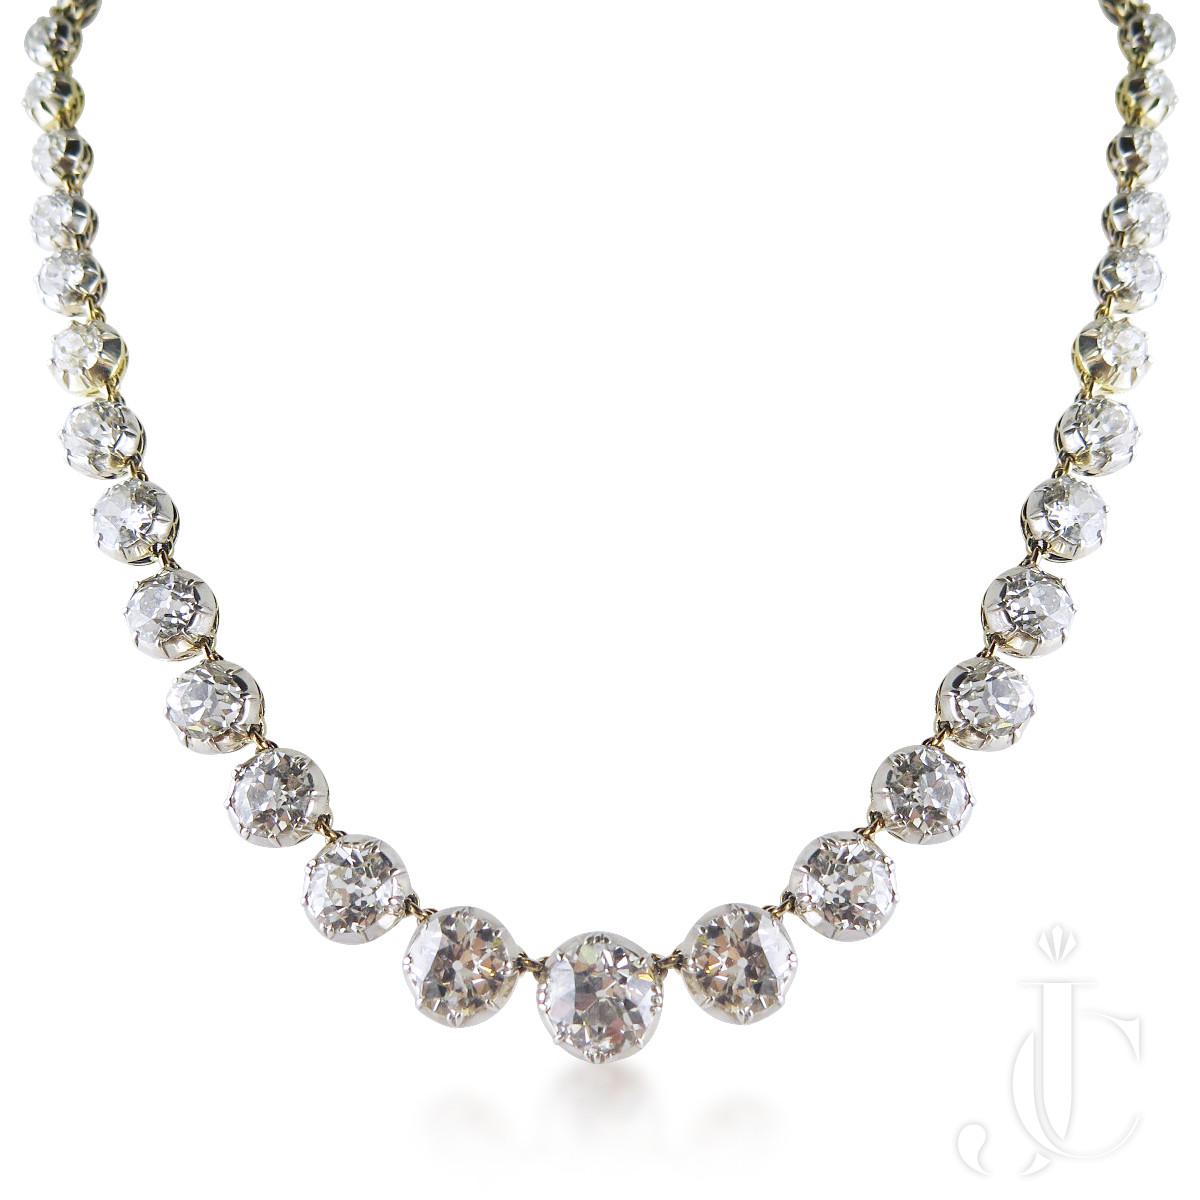 Antique Diamond Rivière Necklace